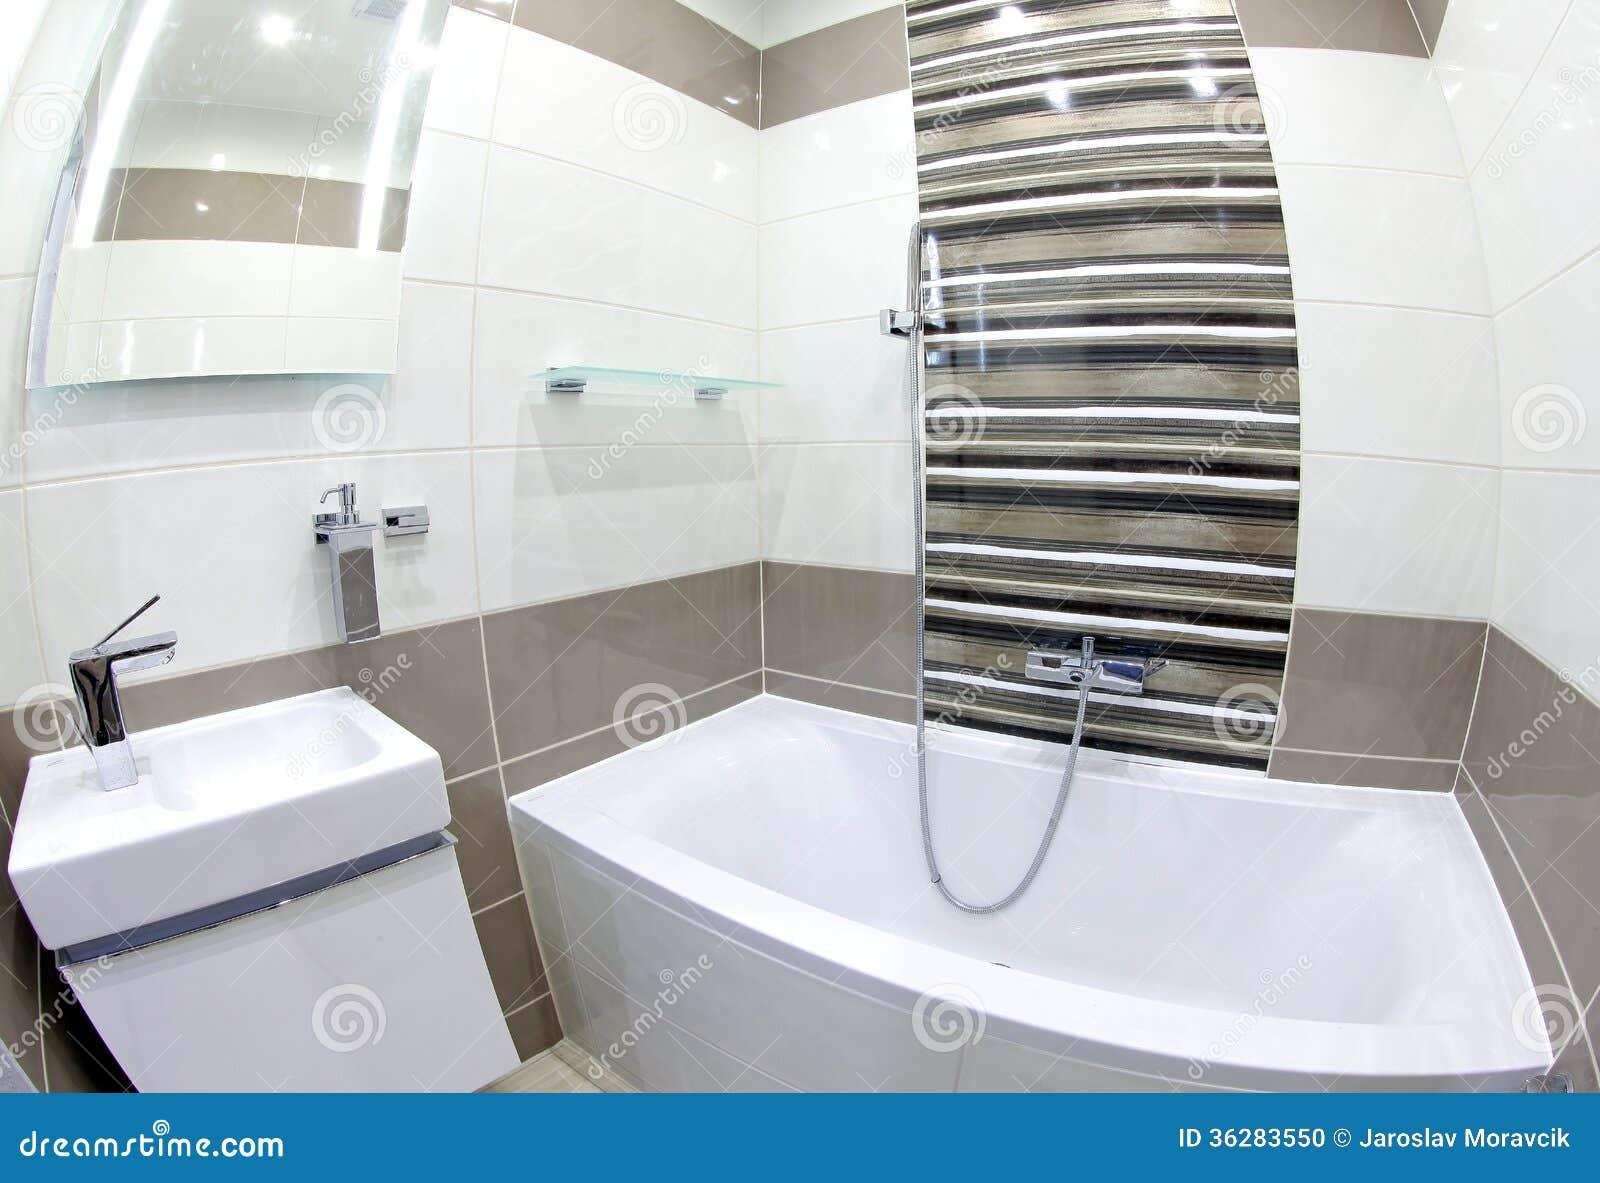 Modernes Kleines Badezimmer Stockfoto